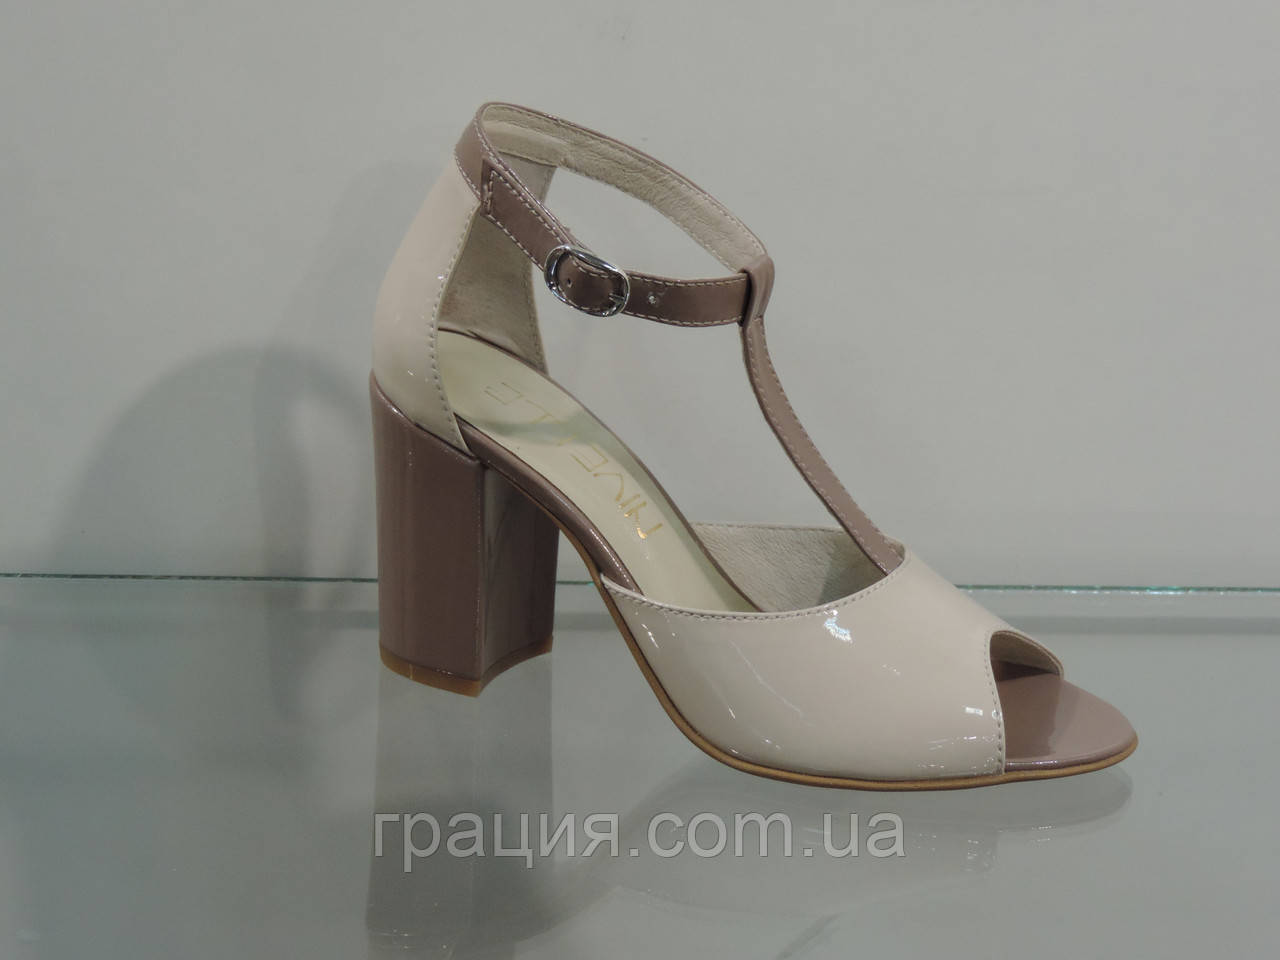 e3e9c45afa8c6f Элегантные женские кожаные босоножки на каблуке с закрытой пяткой ...